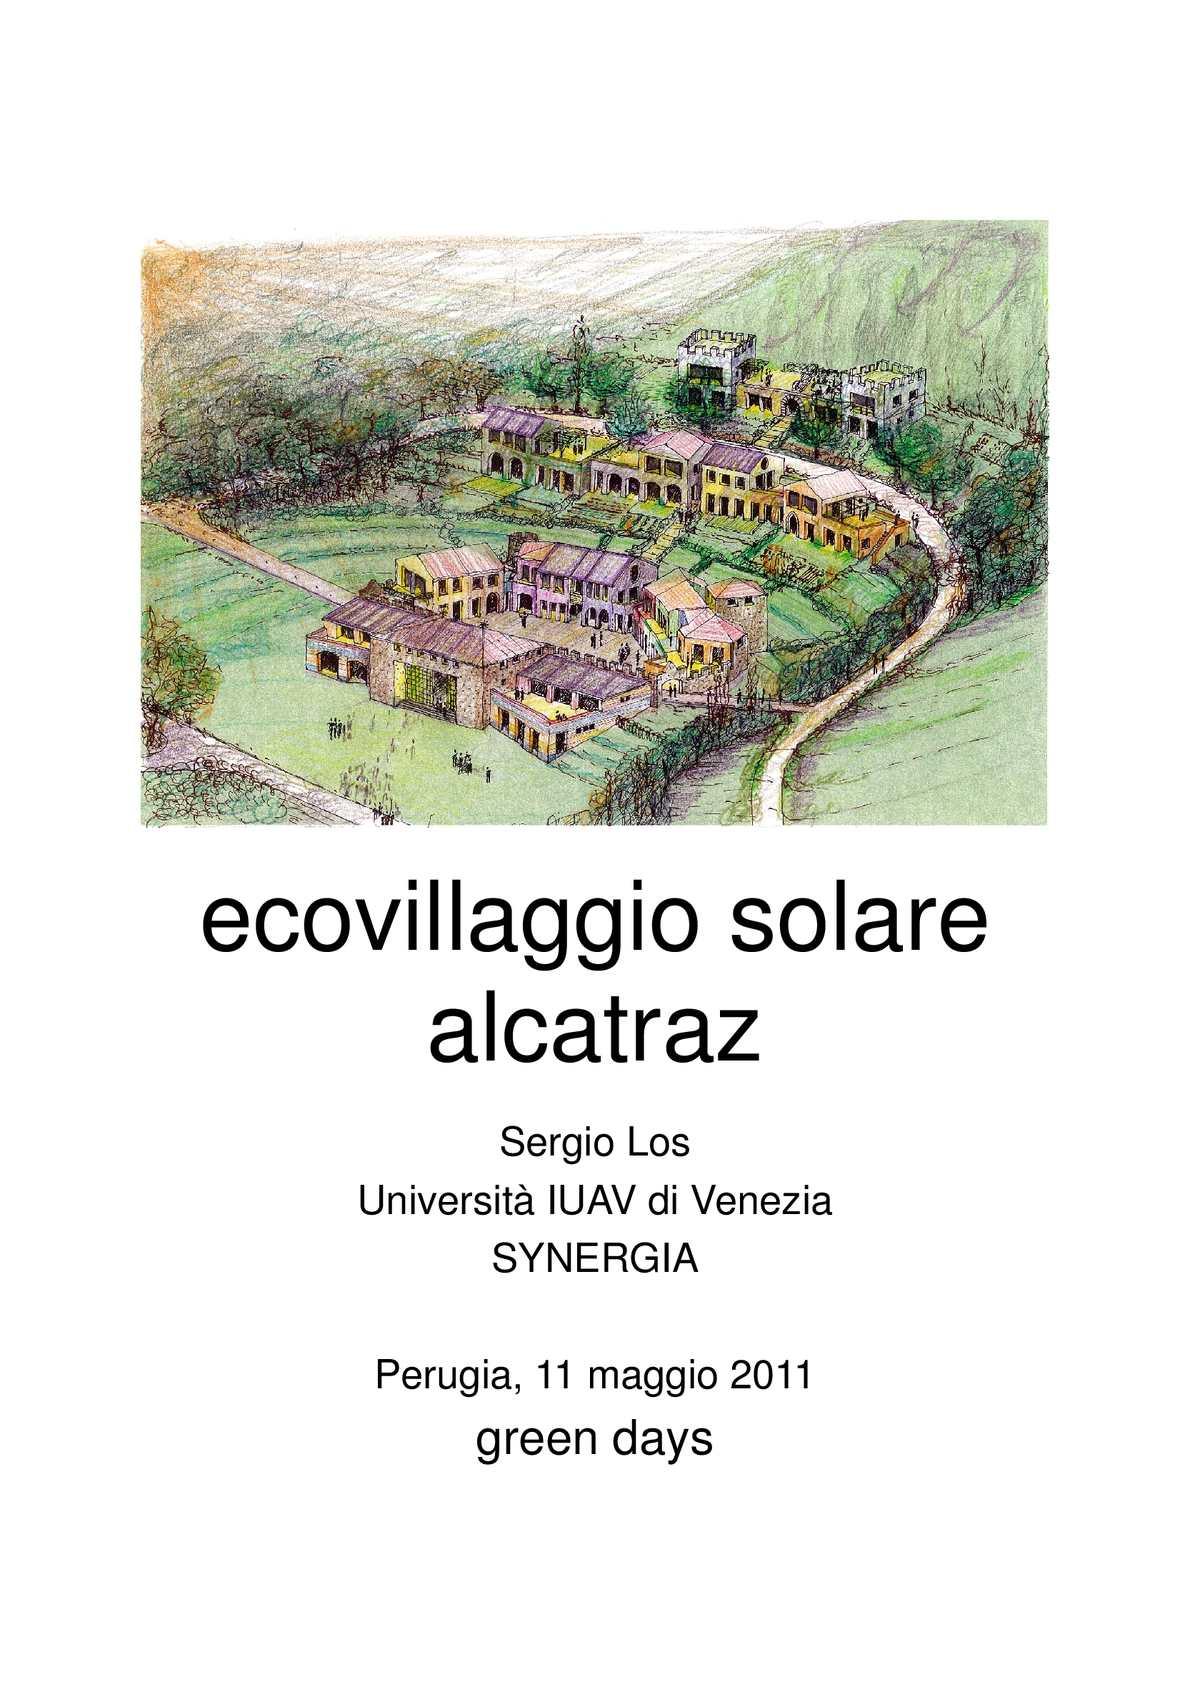 ECOVILLAGGIO SOLARE ALCATRAZ – GREEN DAYS